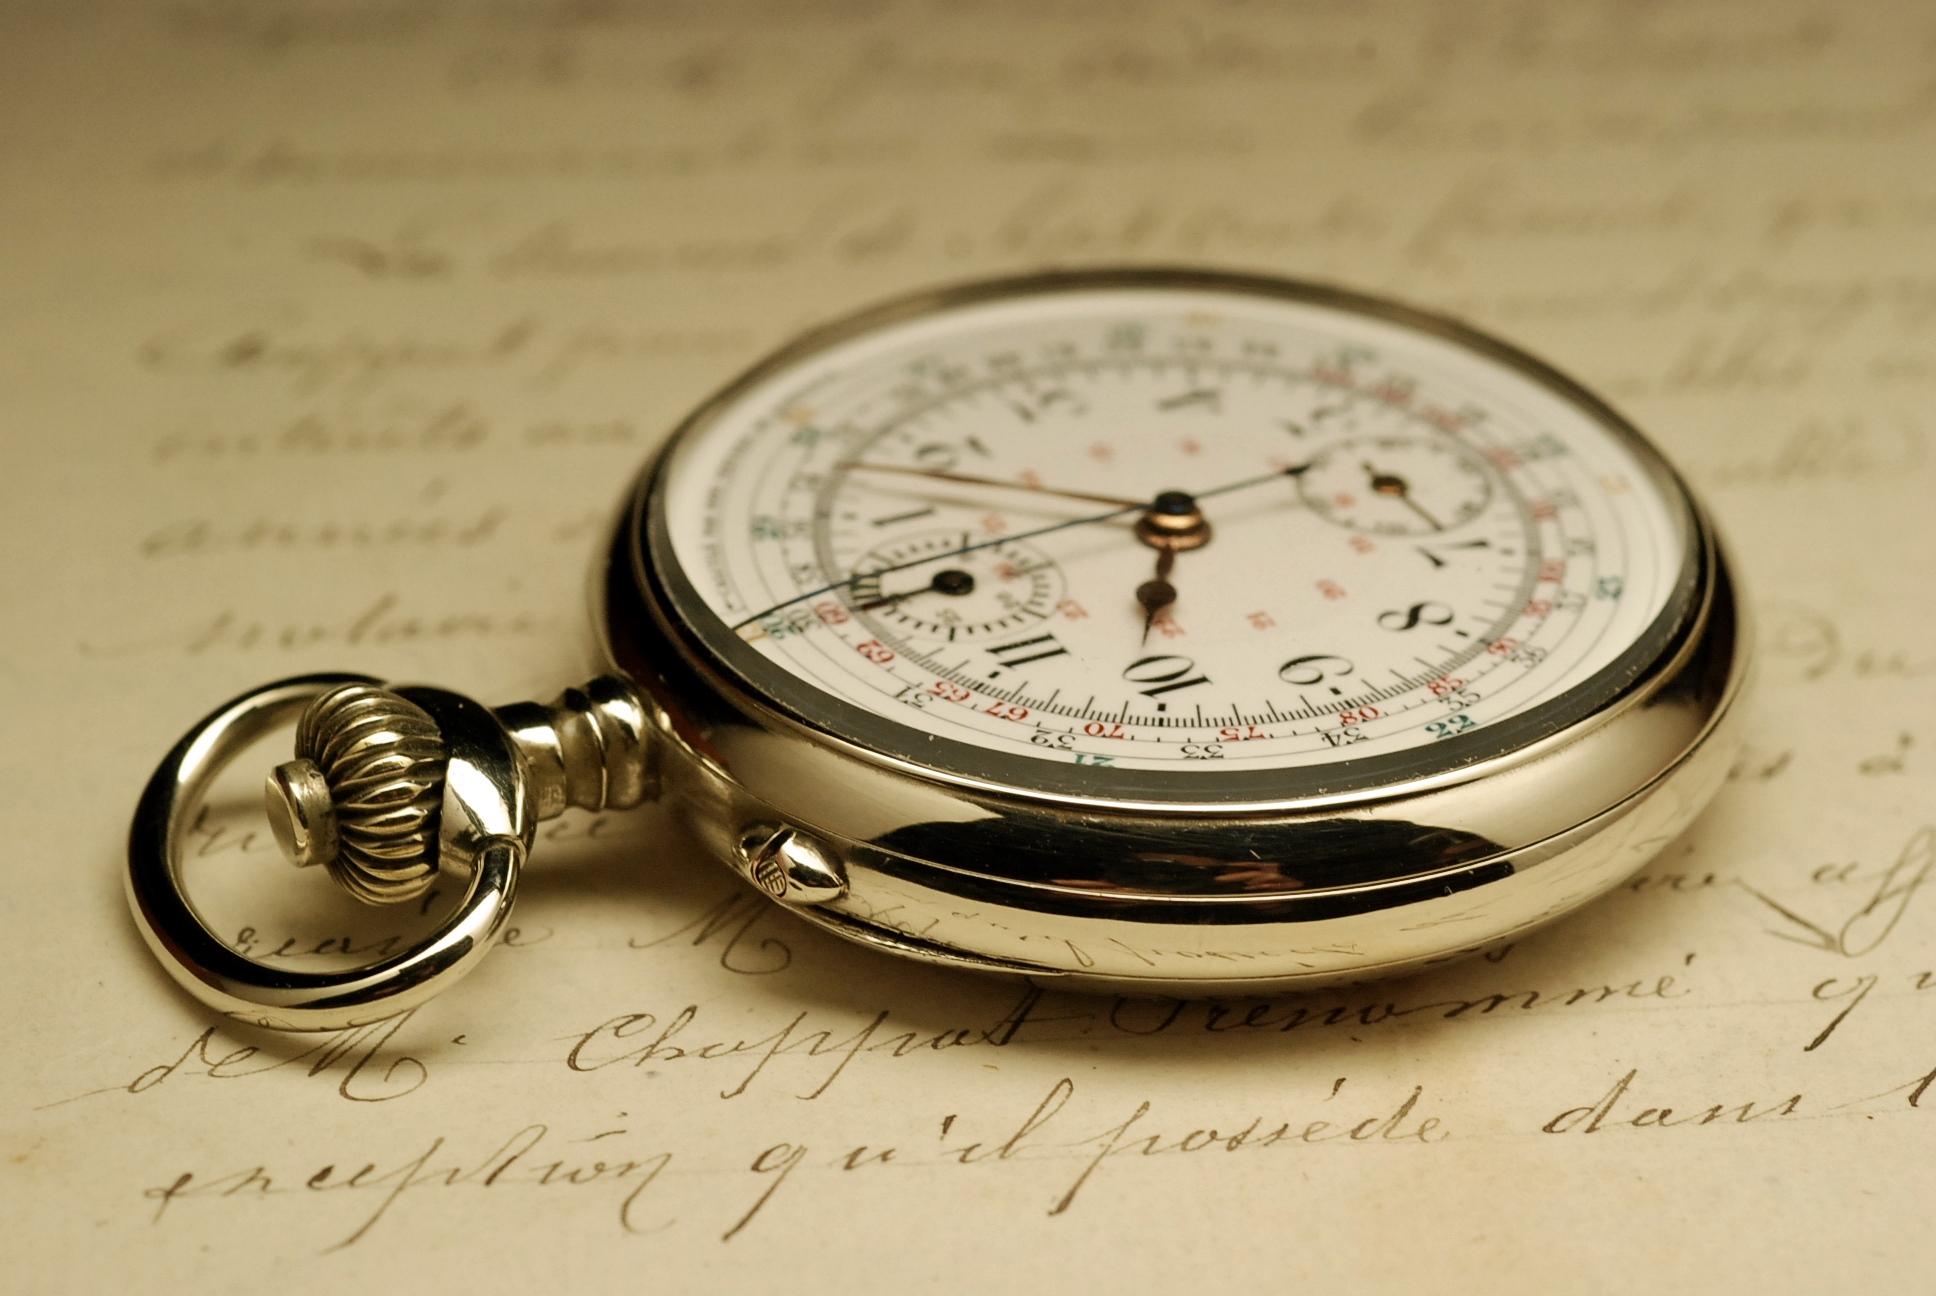 ancienne montre gousset chronographe 1910 vintage pocket. Black Bedroom Furniture Sets. Home Design Ideas